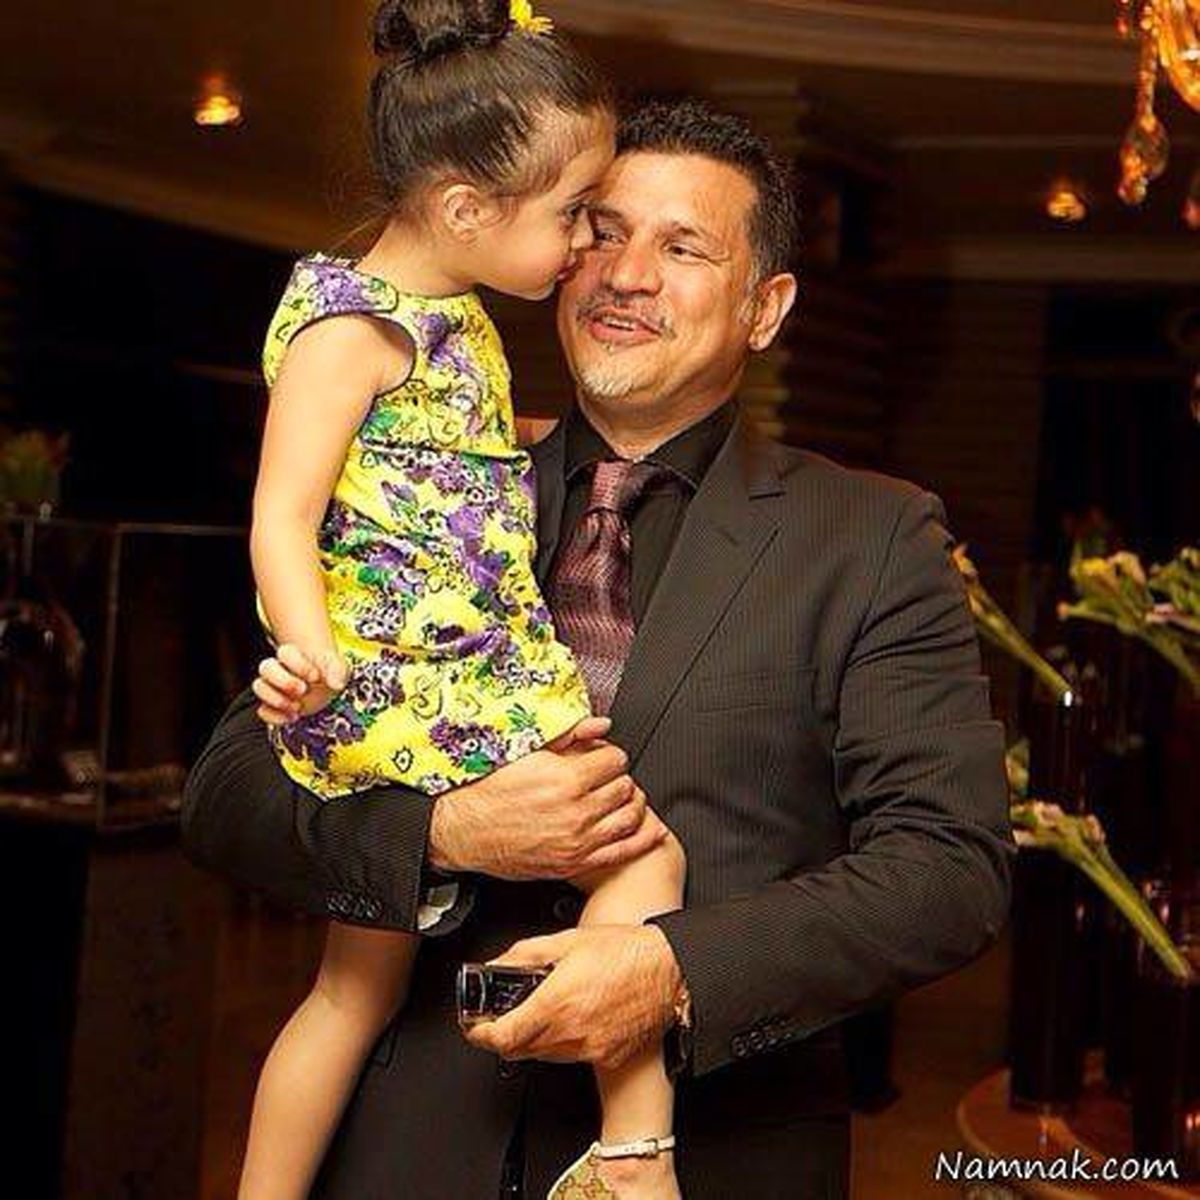 عکس های خصوصی علی دایی و همسرش | عکس دخترهای علی دایی